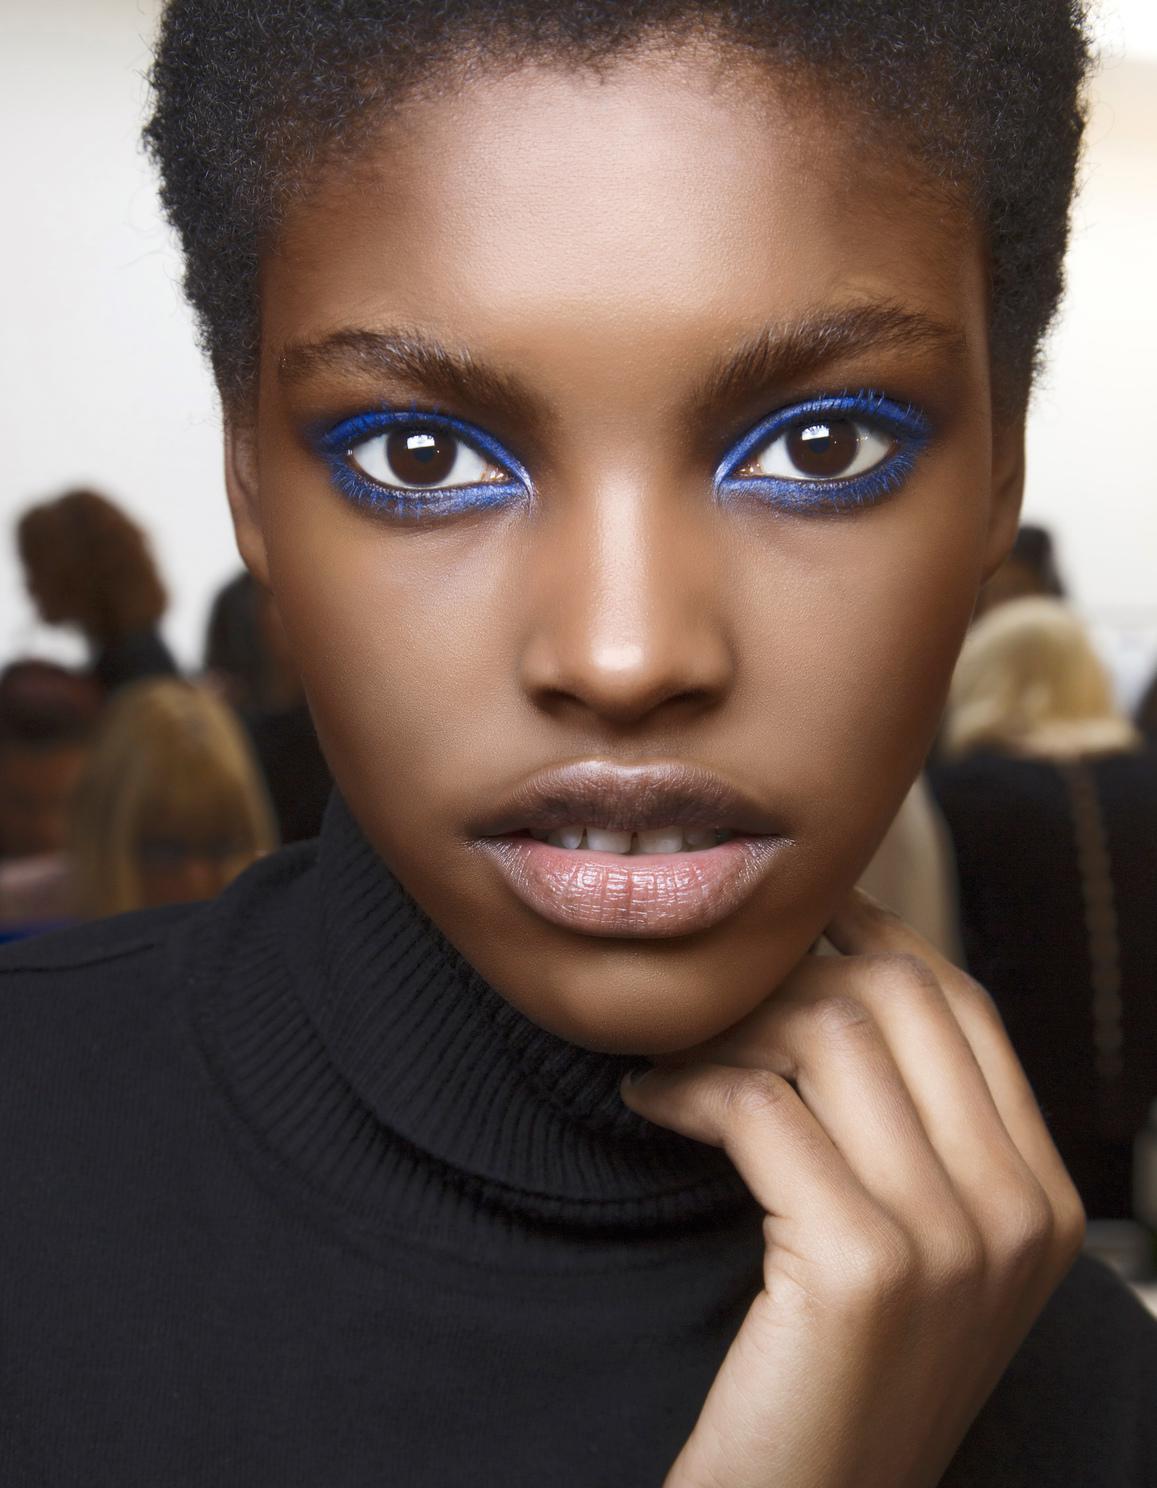 maquillage r veillon halo bleu 40 id es de maquillage de r veillon pour briller elle. Black Bedroom Furniture Sets. Home Design Ideas